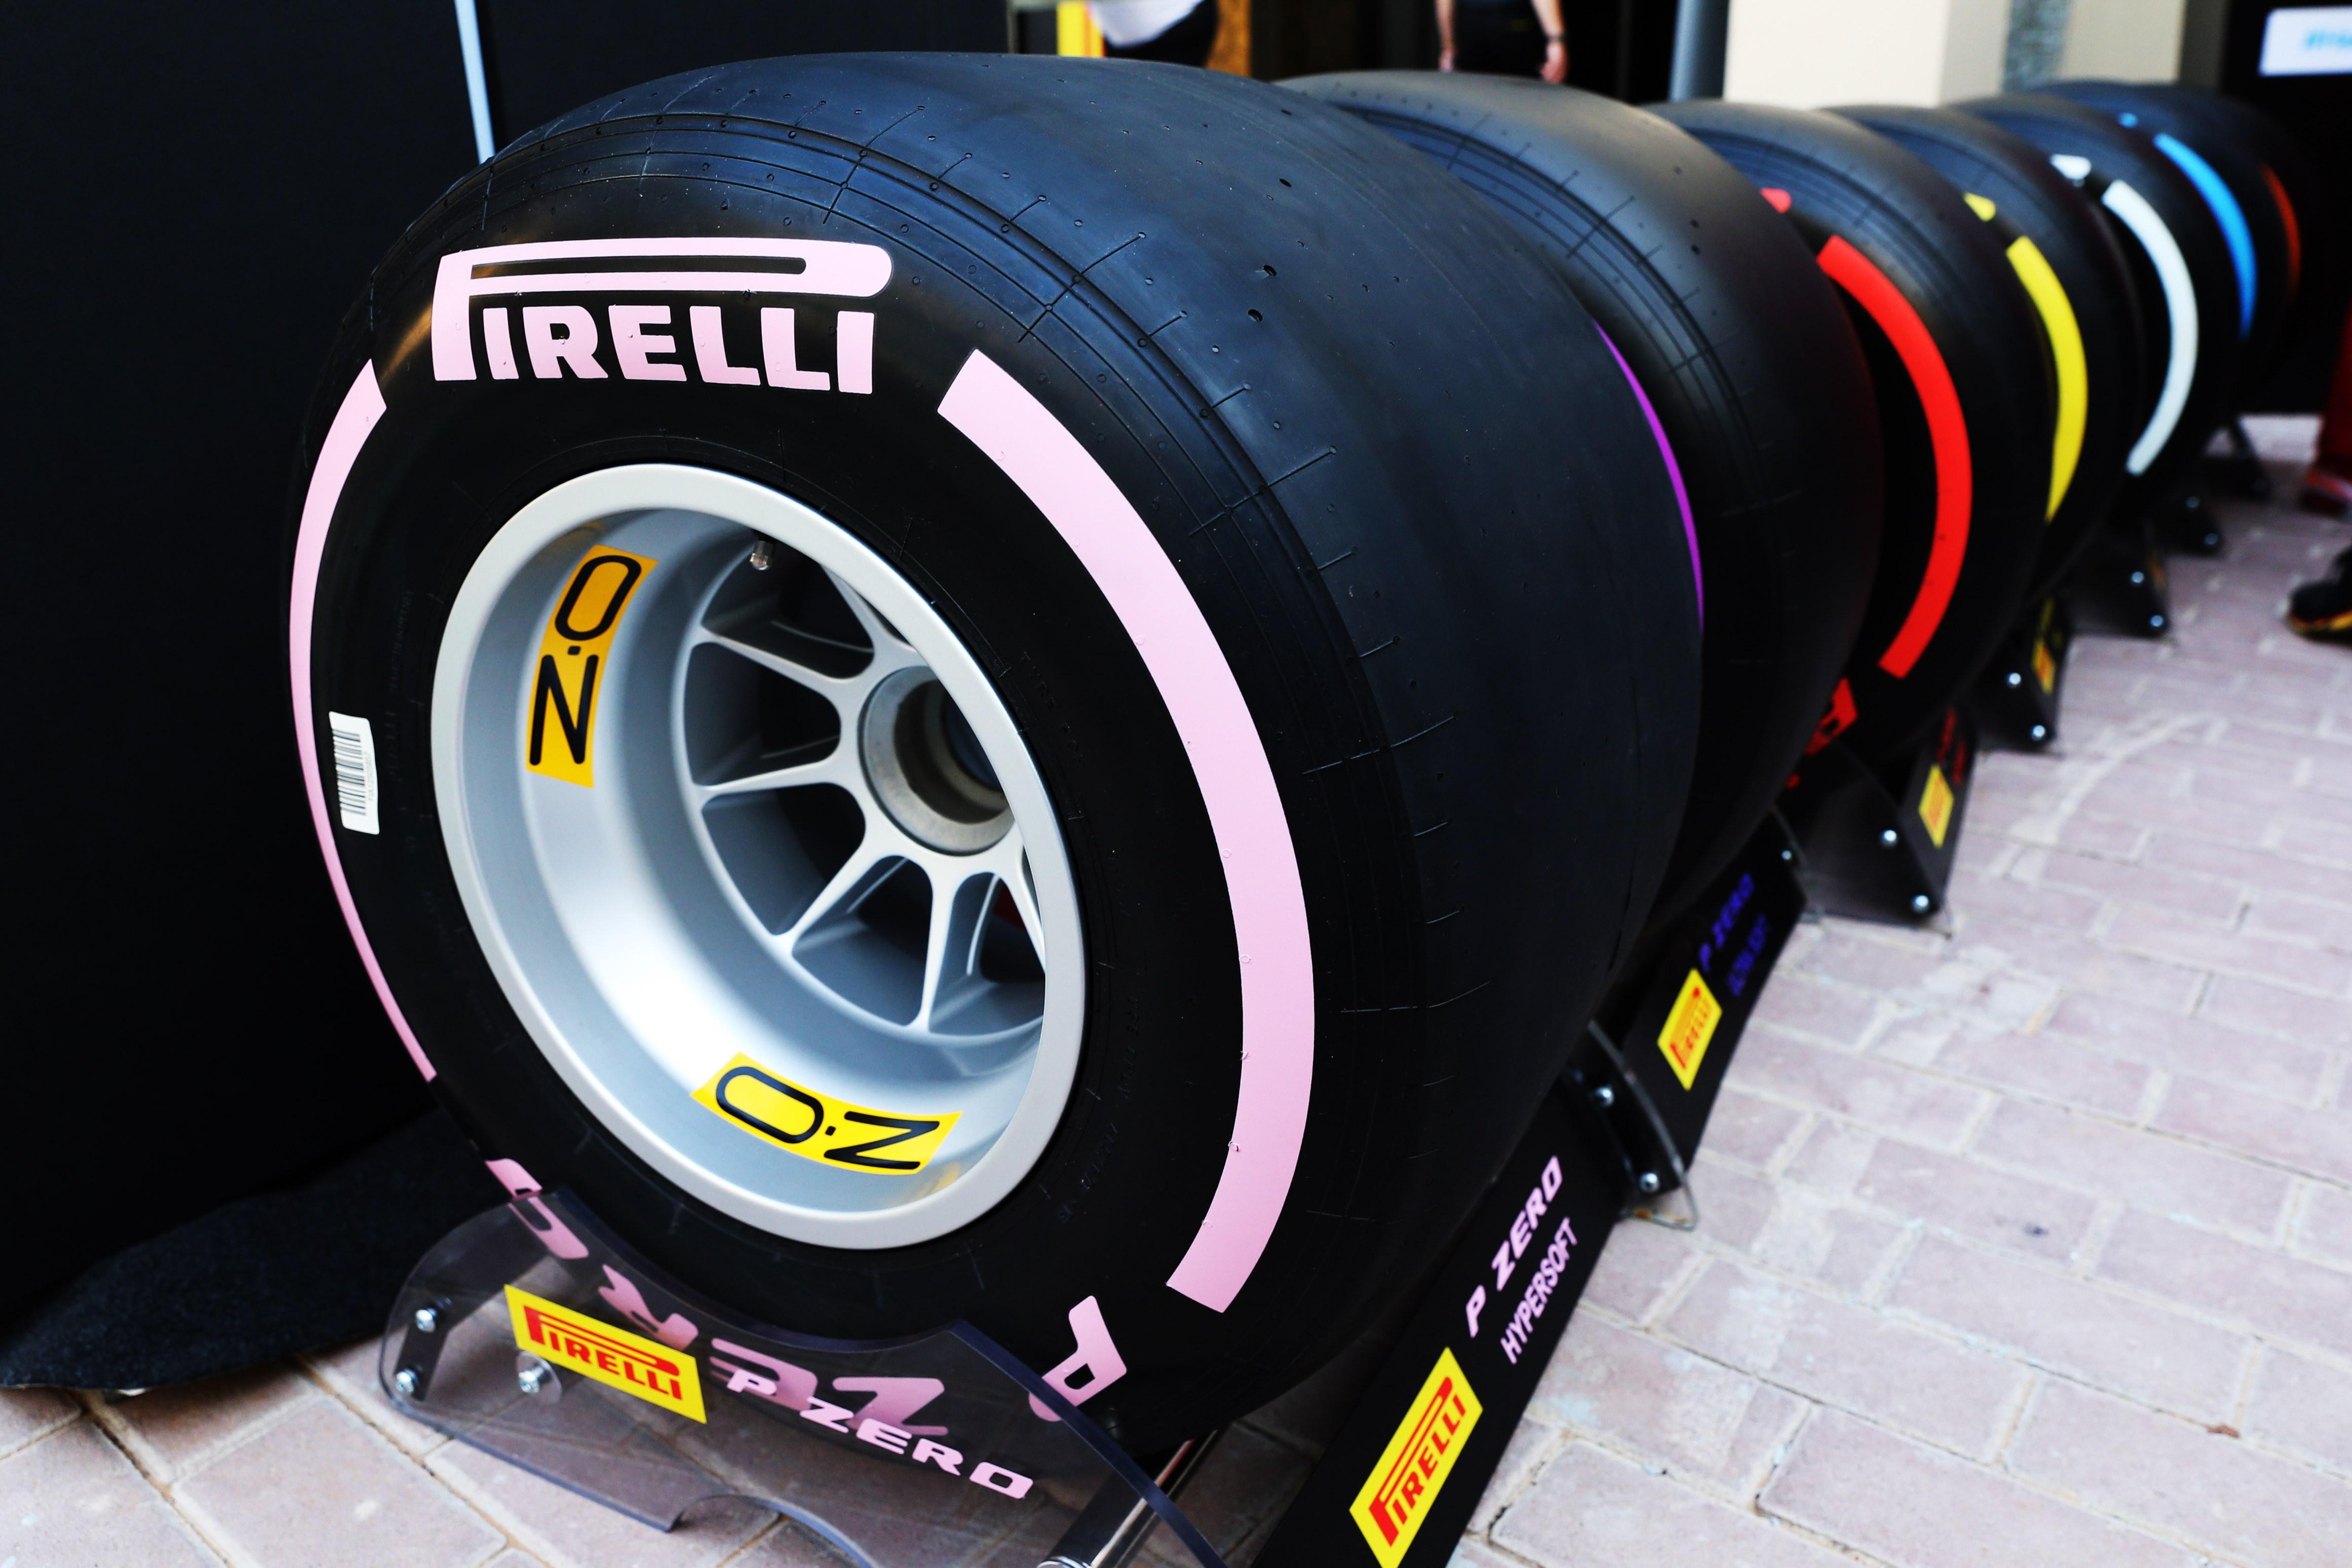 Τη νέα γκάμα ελαστικών για την F1 το 2018 παρουσίασε η Pirelli στο Άμπου Ντάμπι